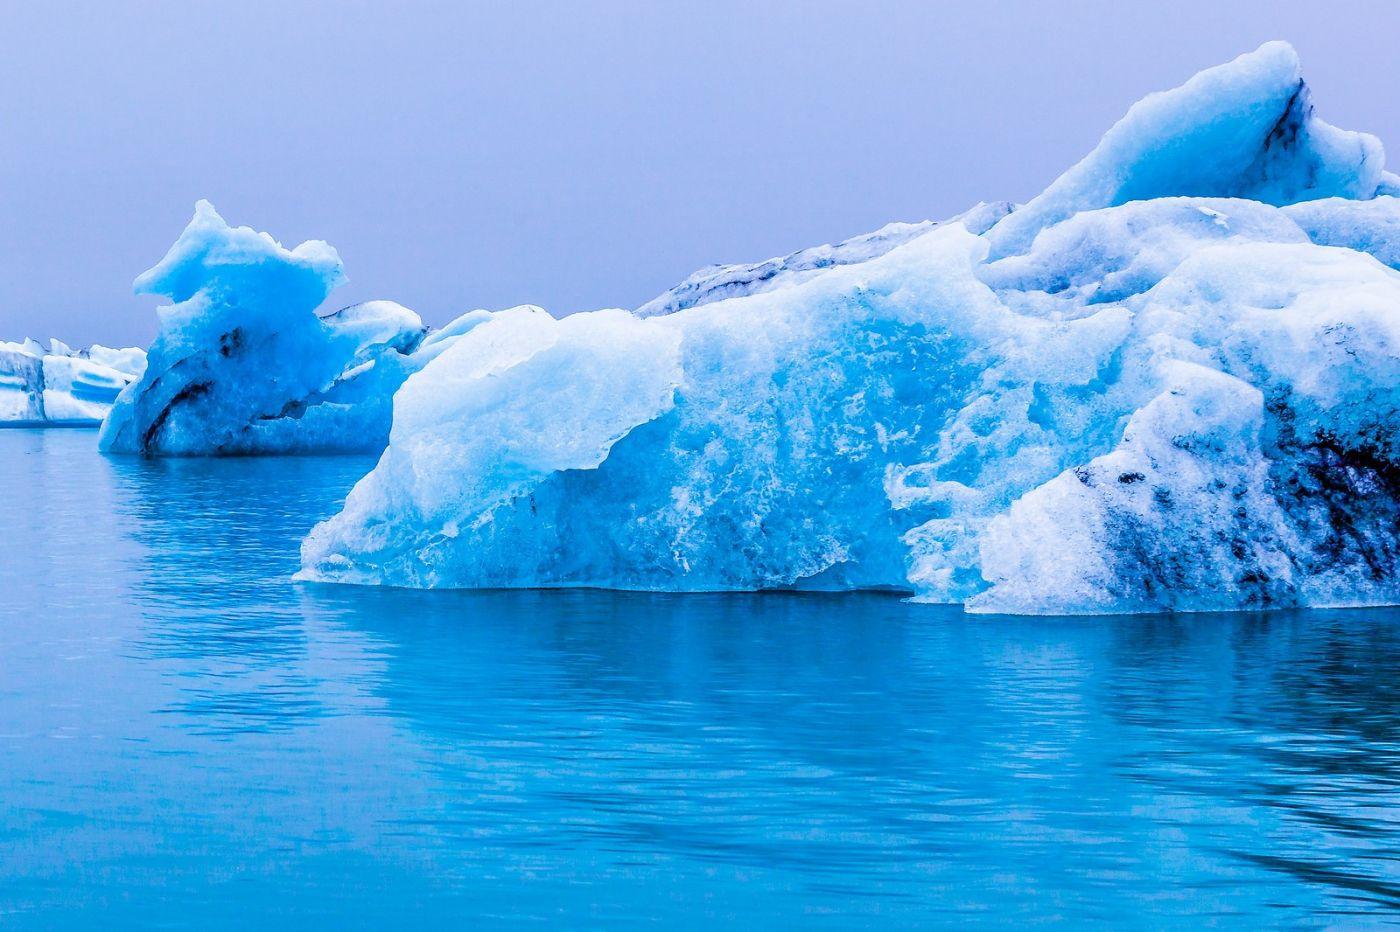 冰岛冰川泻湖(Glacier Lagoon),自然雕塑_图1-32